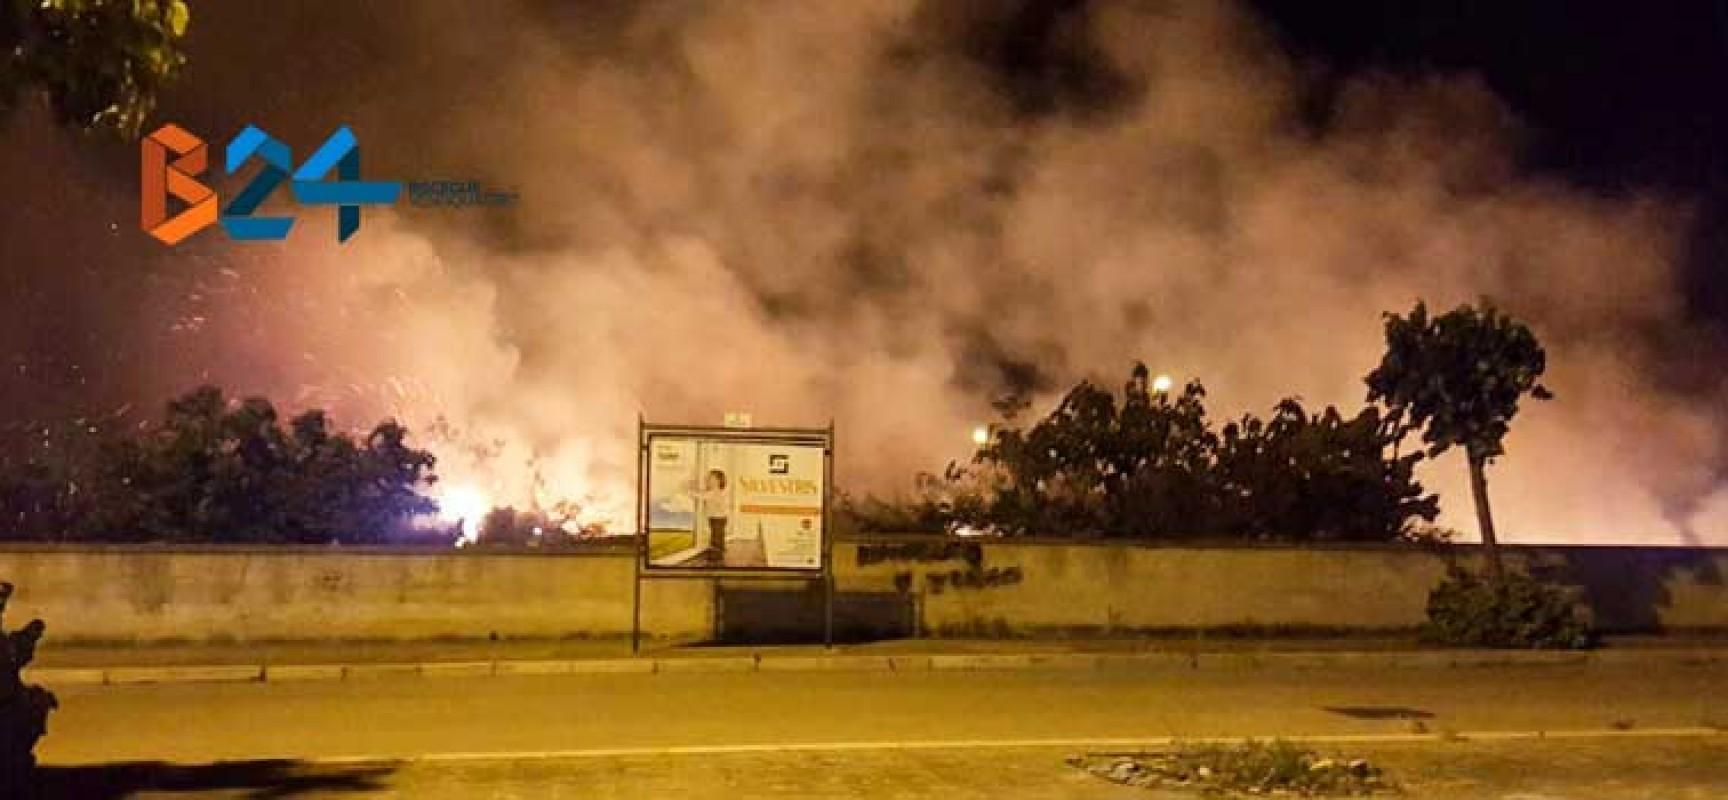 Incendio in un terreno nel quartiere Sant'Andrea, a fuoco sterpaglie e alberi / FOTO